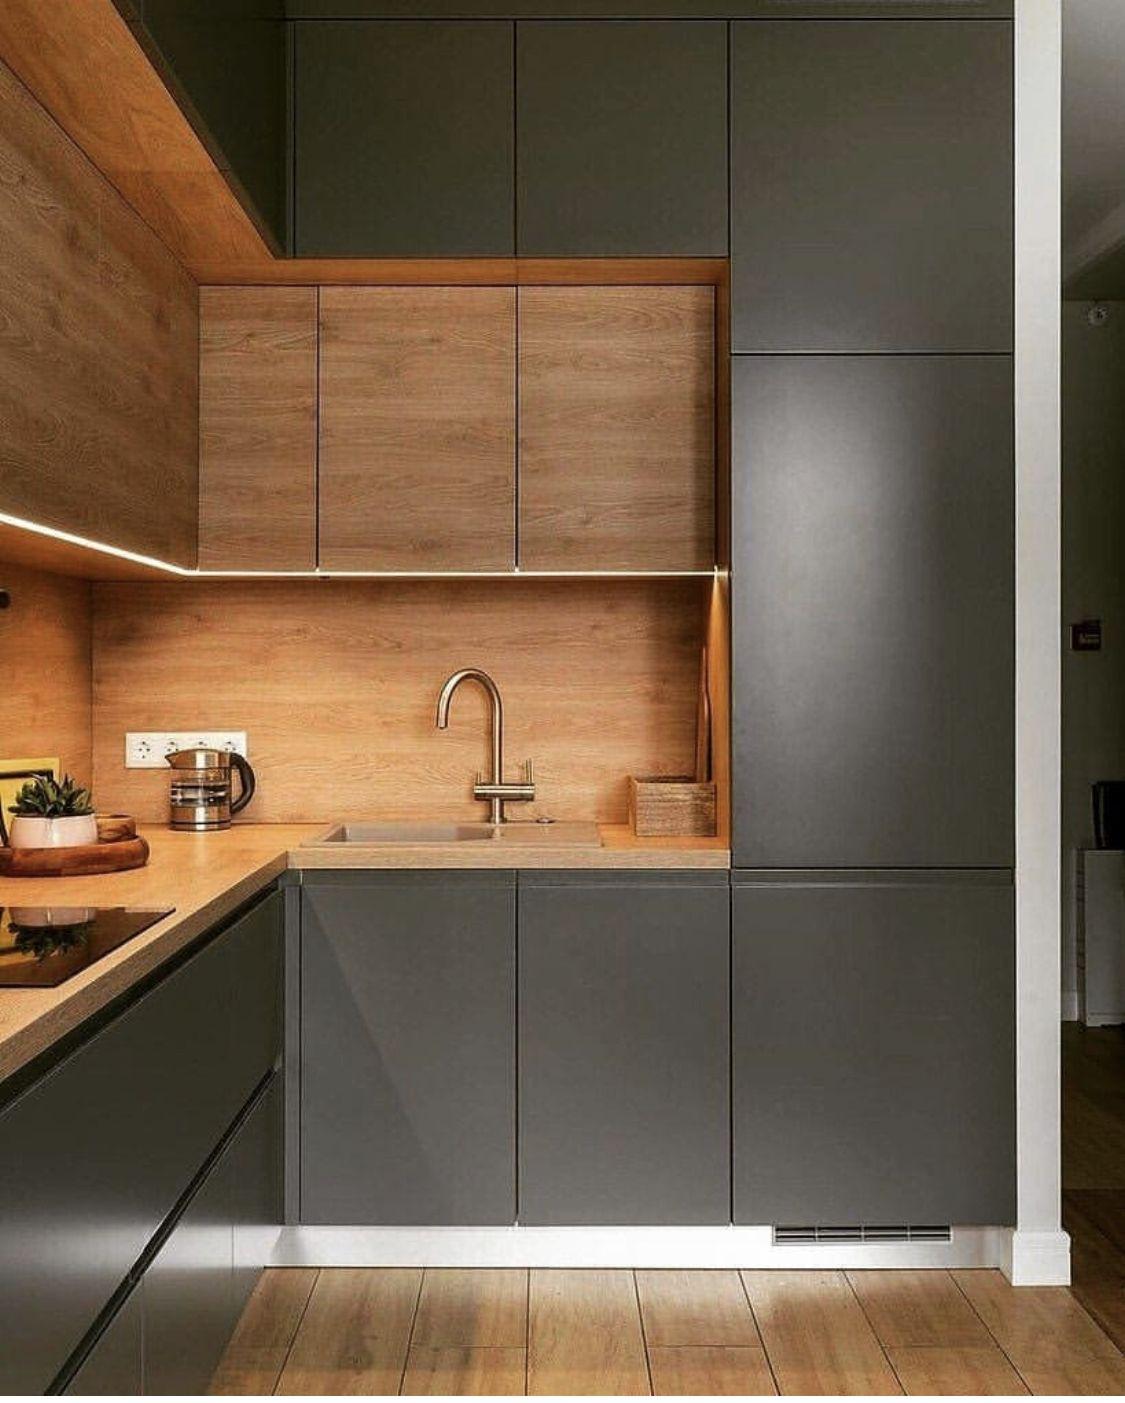 Pin By Laura Grizane On Home Kitchen Furniture Design Kitchen Room Design New Kitchen Interior